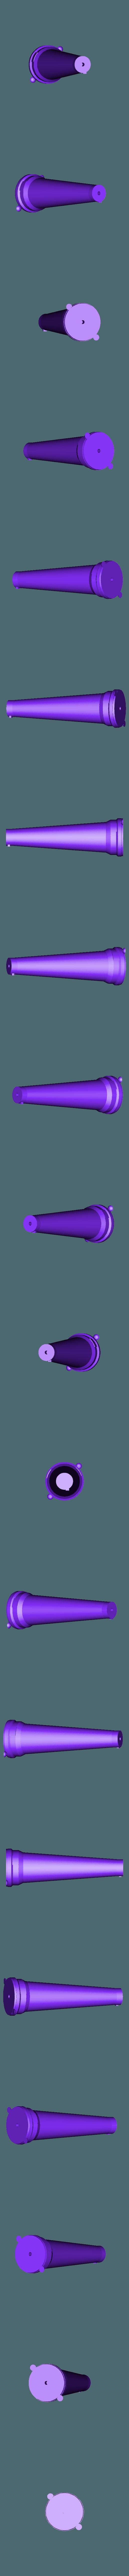 chandracylinder.stl Télécharger fichier STL gratuit Observatoire de rayons X de Chandra • Objet pour impression 3D, Mostlydecaf